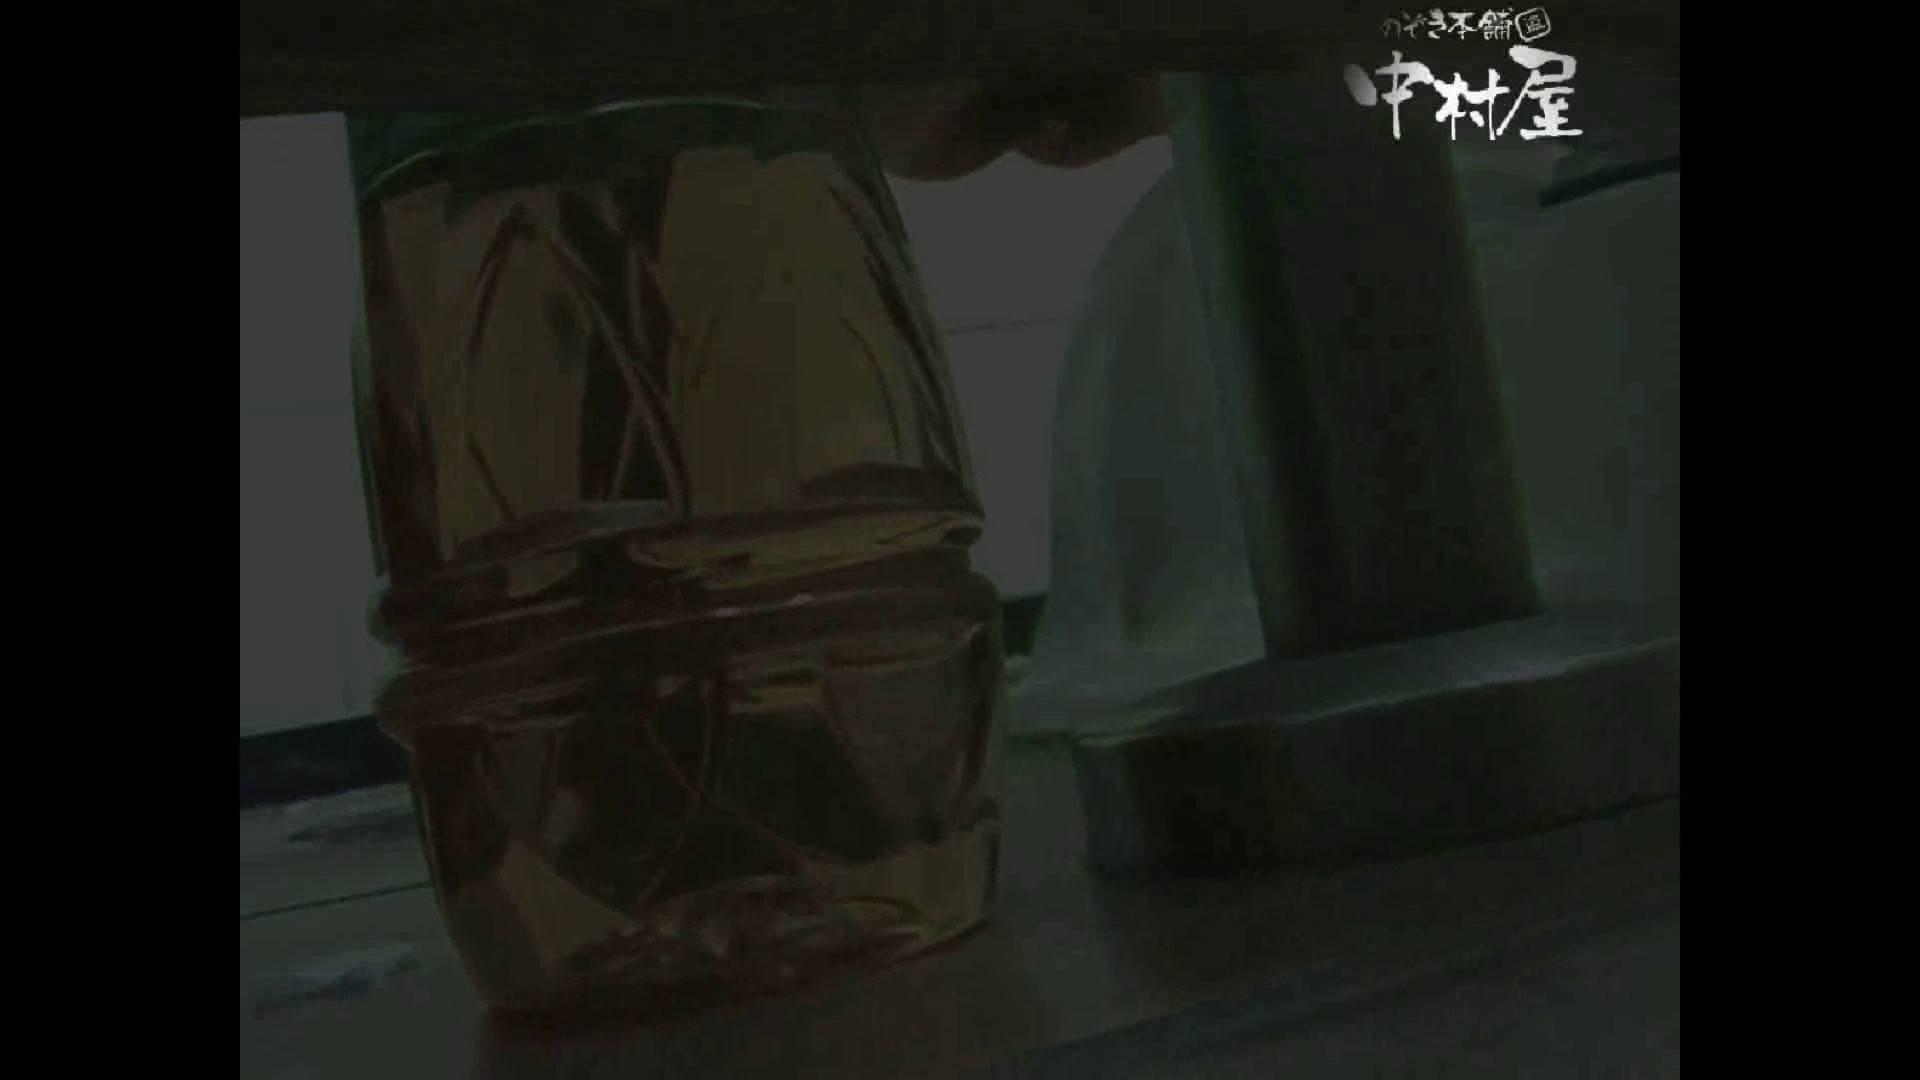 岩手県在住盗撮師盗撮記録vol.44 OLハメ撮り  59Pix 54